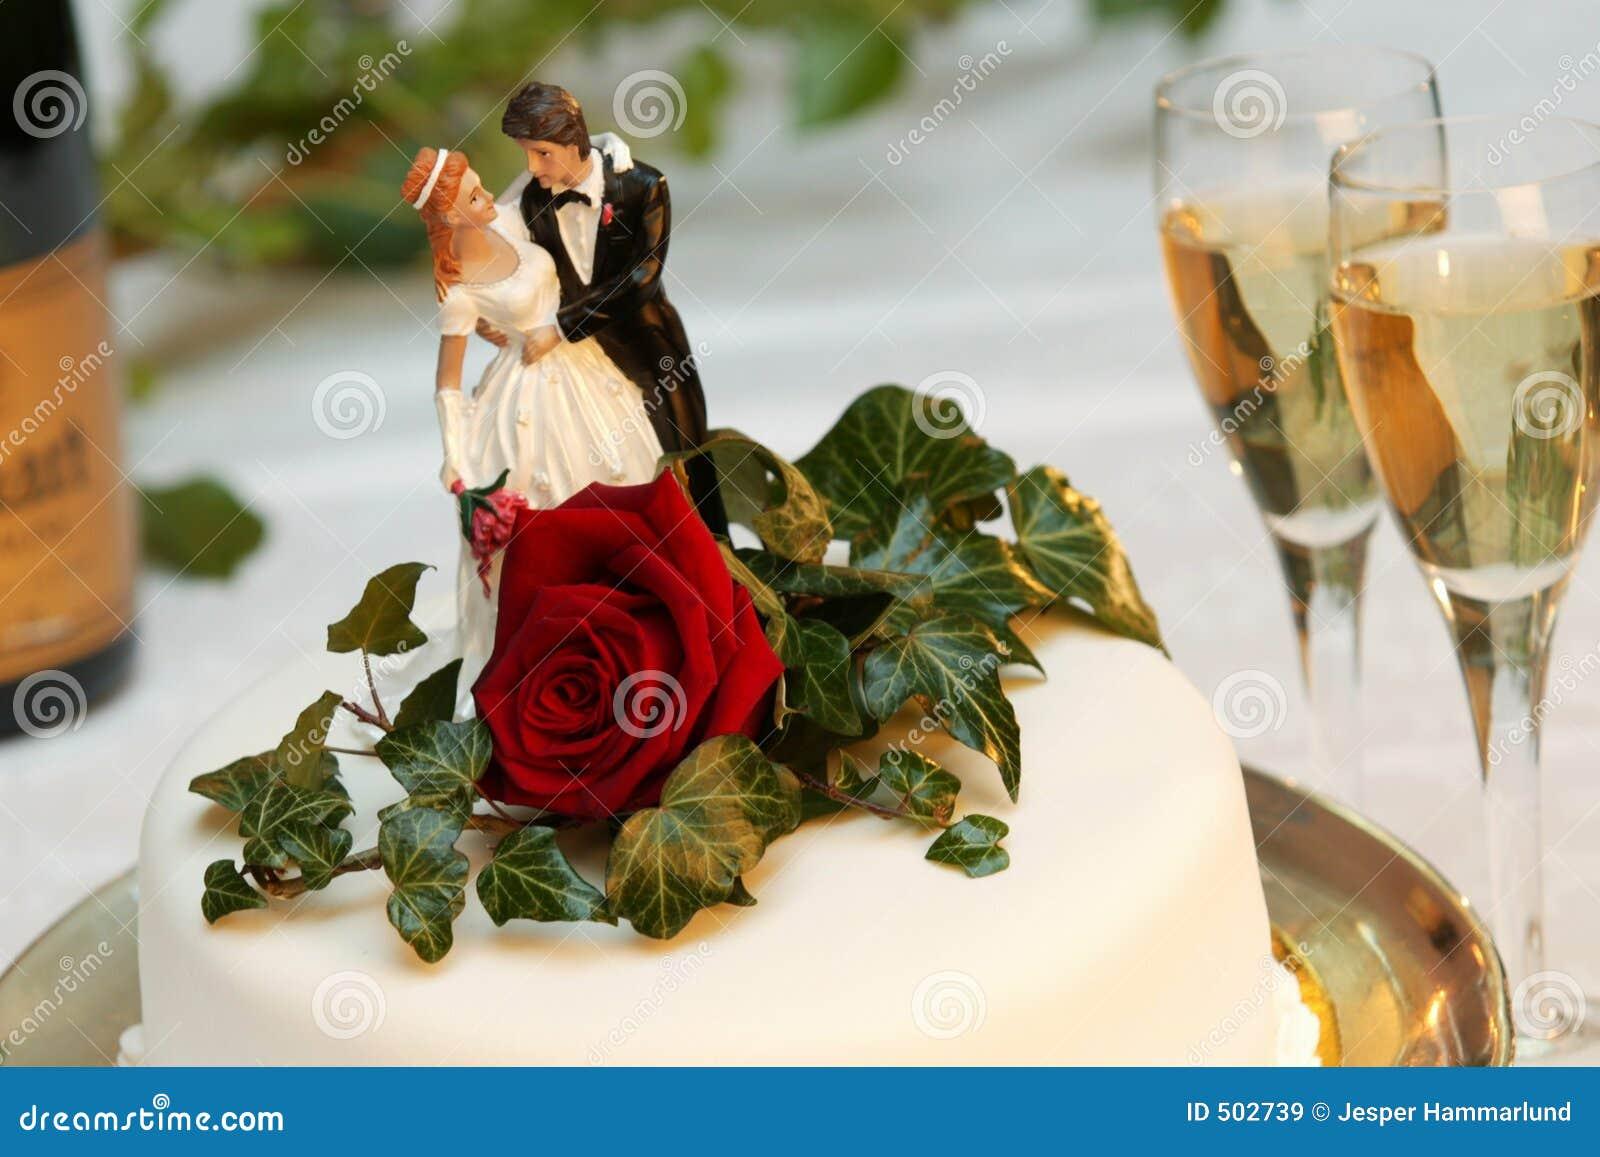 Weddingcake 002